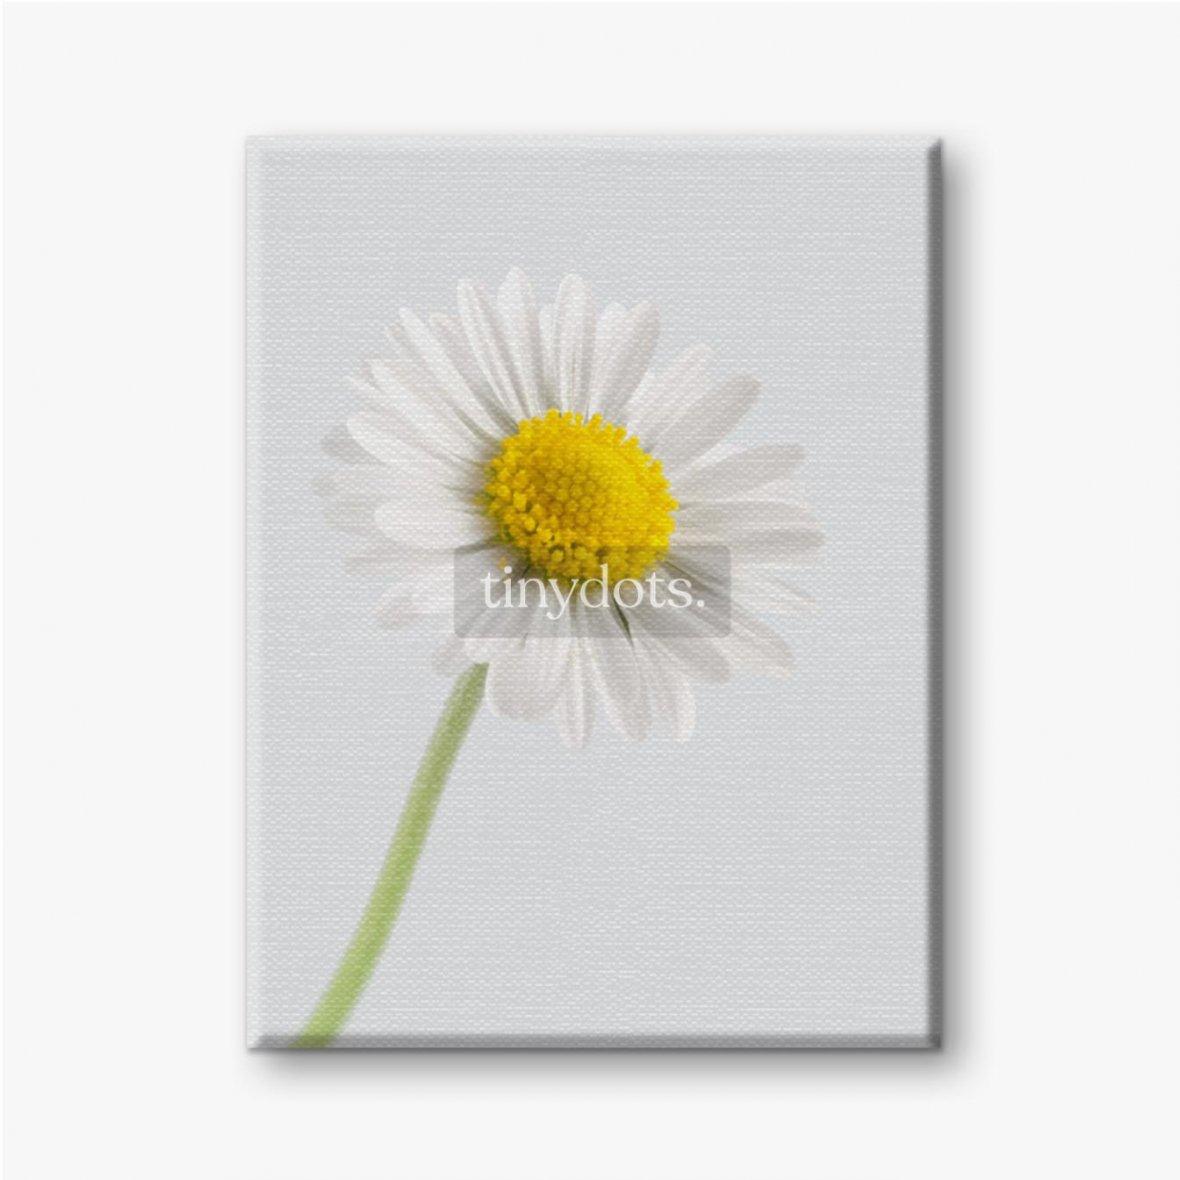 Leinwandbild Gänseblümchenblume auf einem hellen Hintergrund